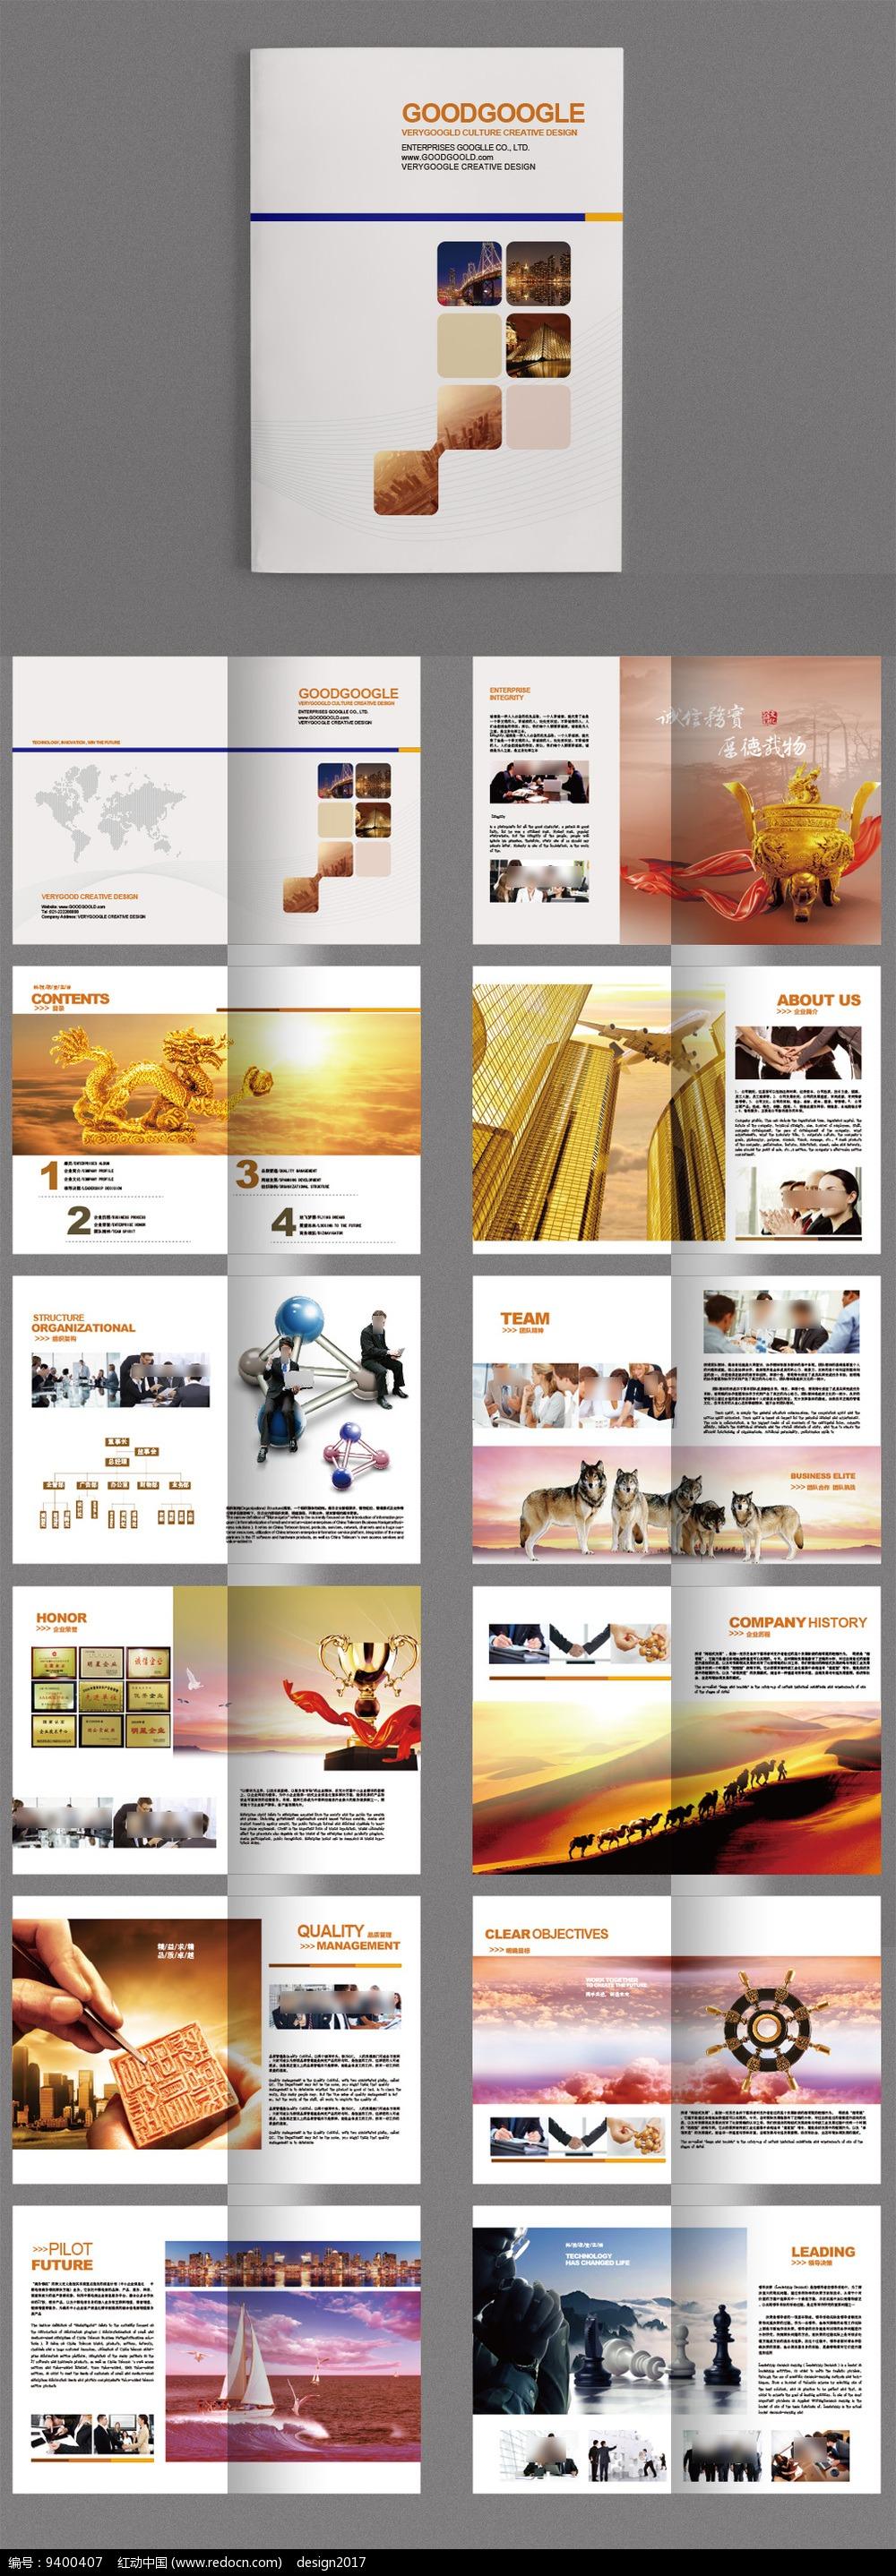 简约时尚商务企业宣传画册设计整套素材图片